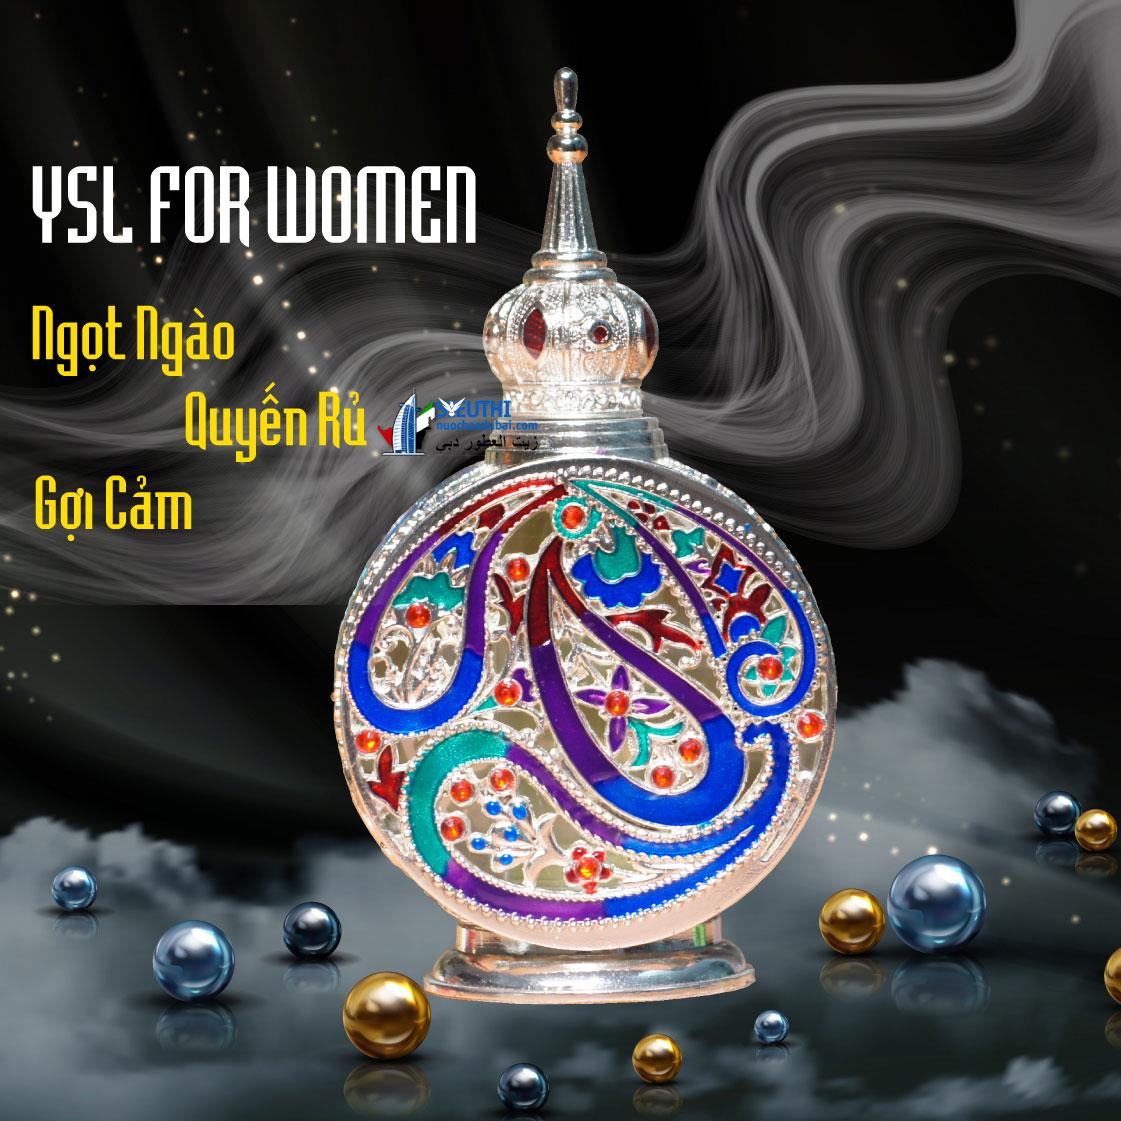 ysl-for-women-sieuthinuochoadubai